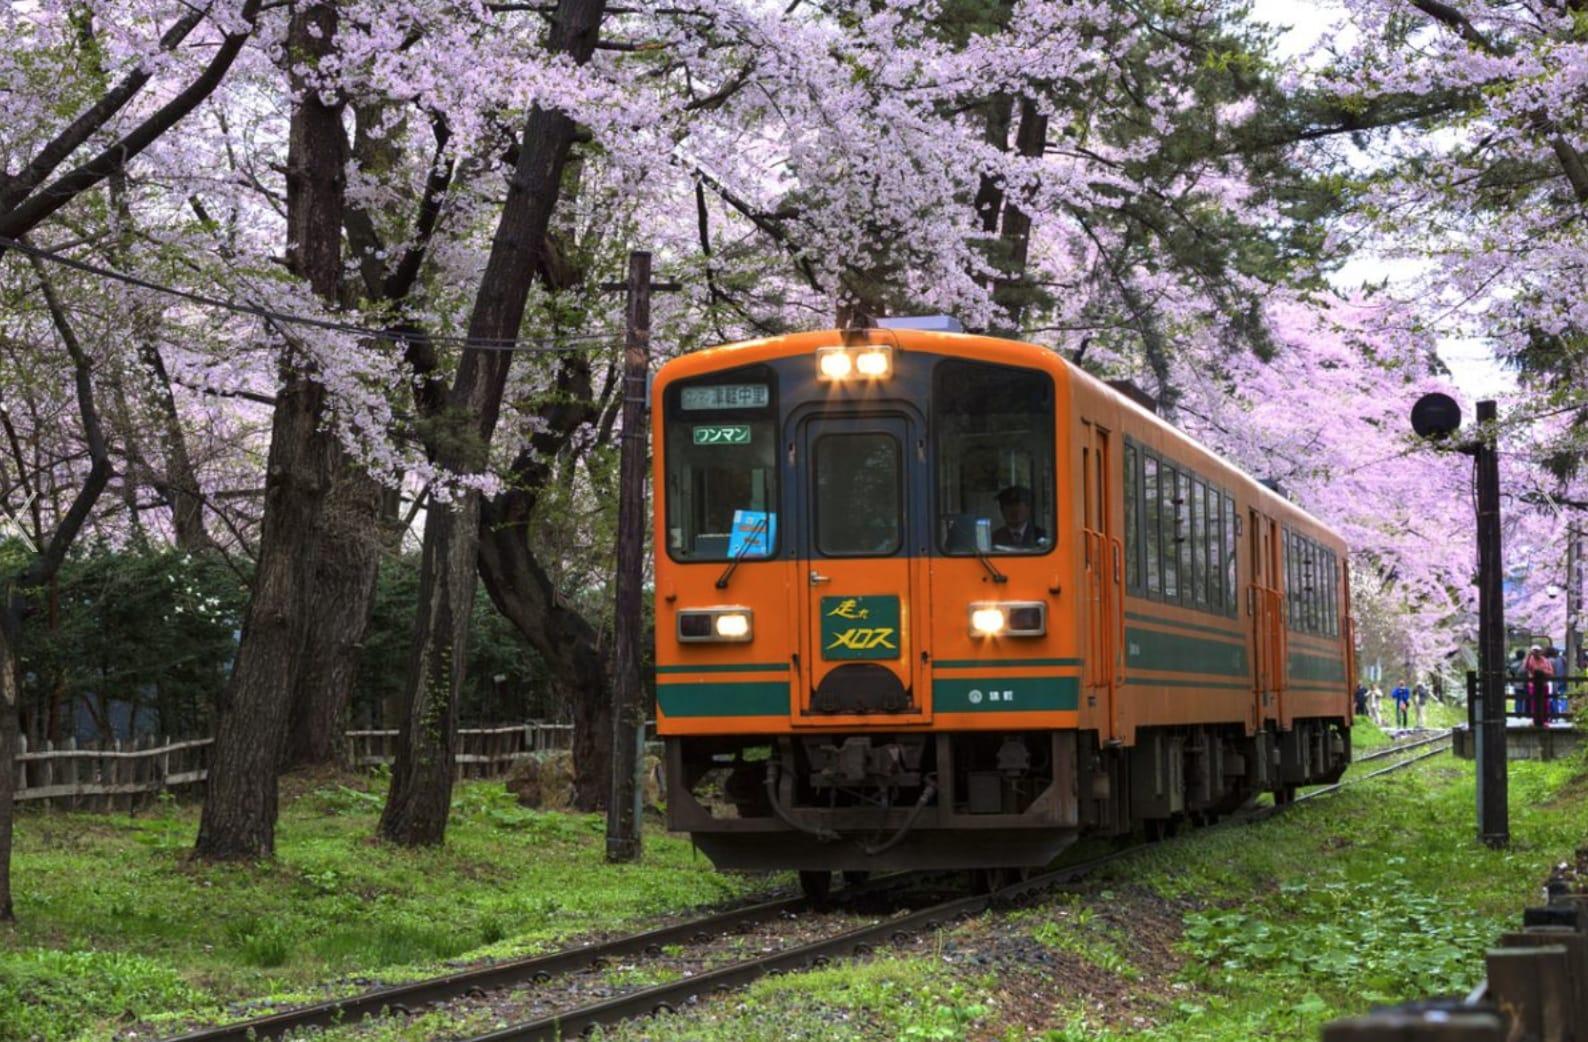 設在公園中的無人車站,被美麗的櫻花包圍。(圖片取自zh-tw.zekkeijapan.com)